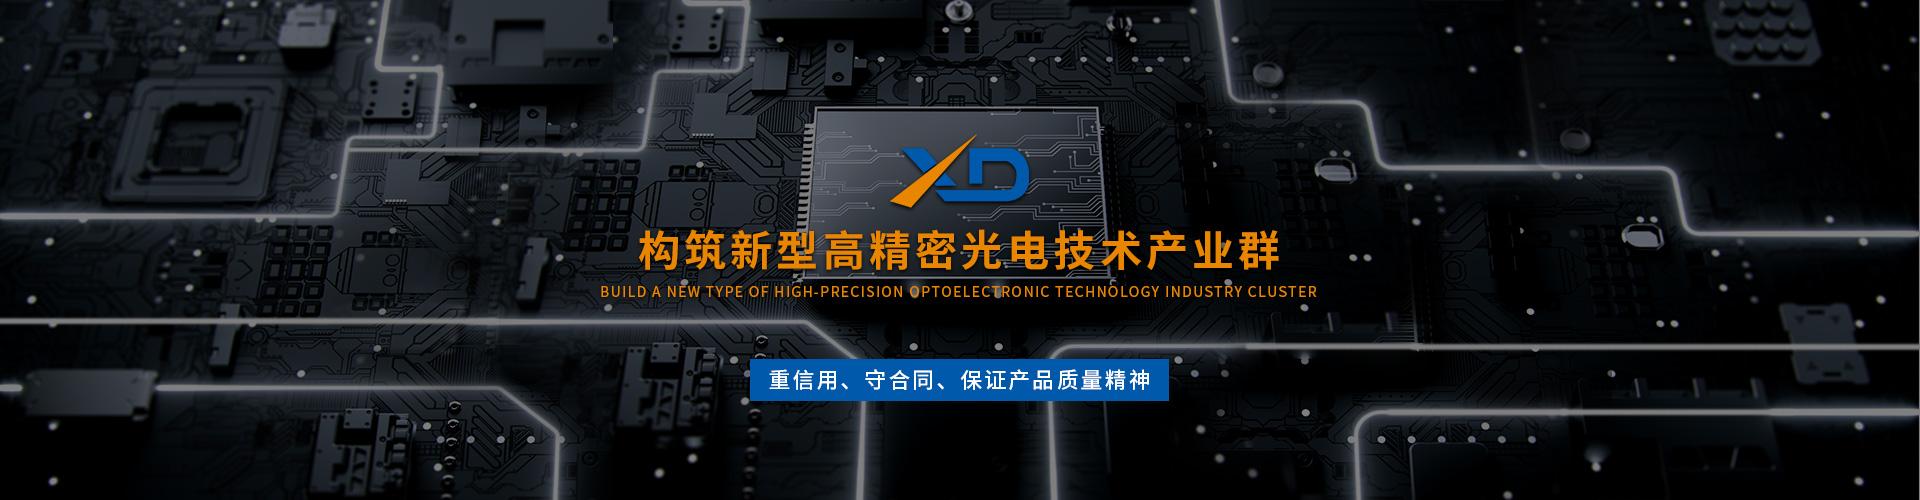 深圳市新达精密科技有限公司